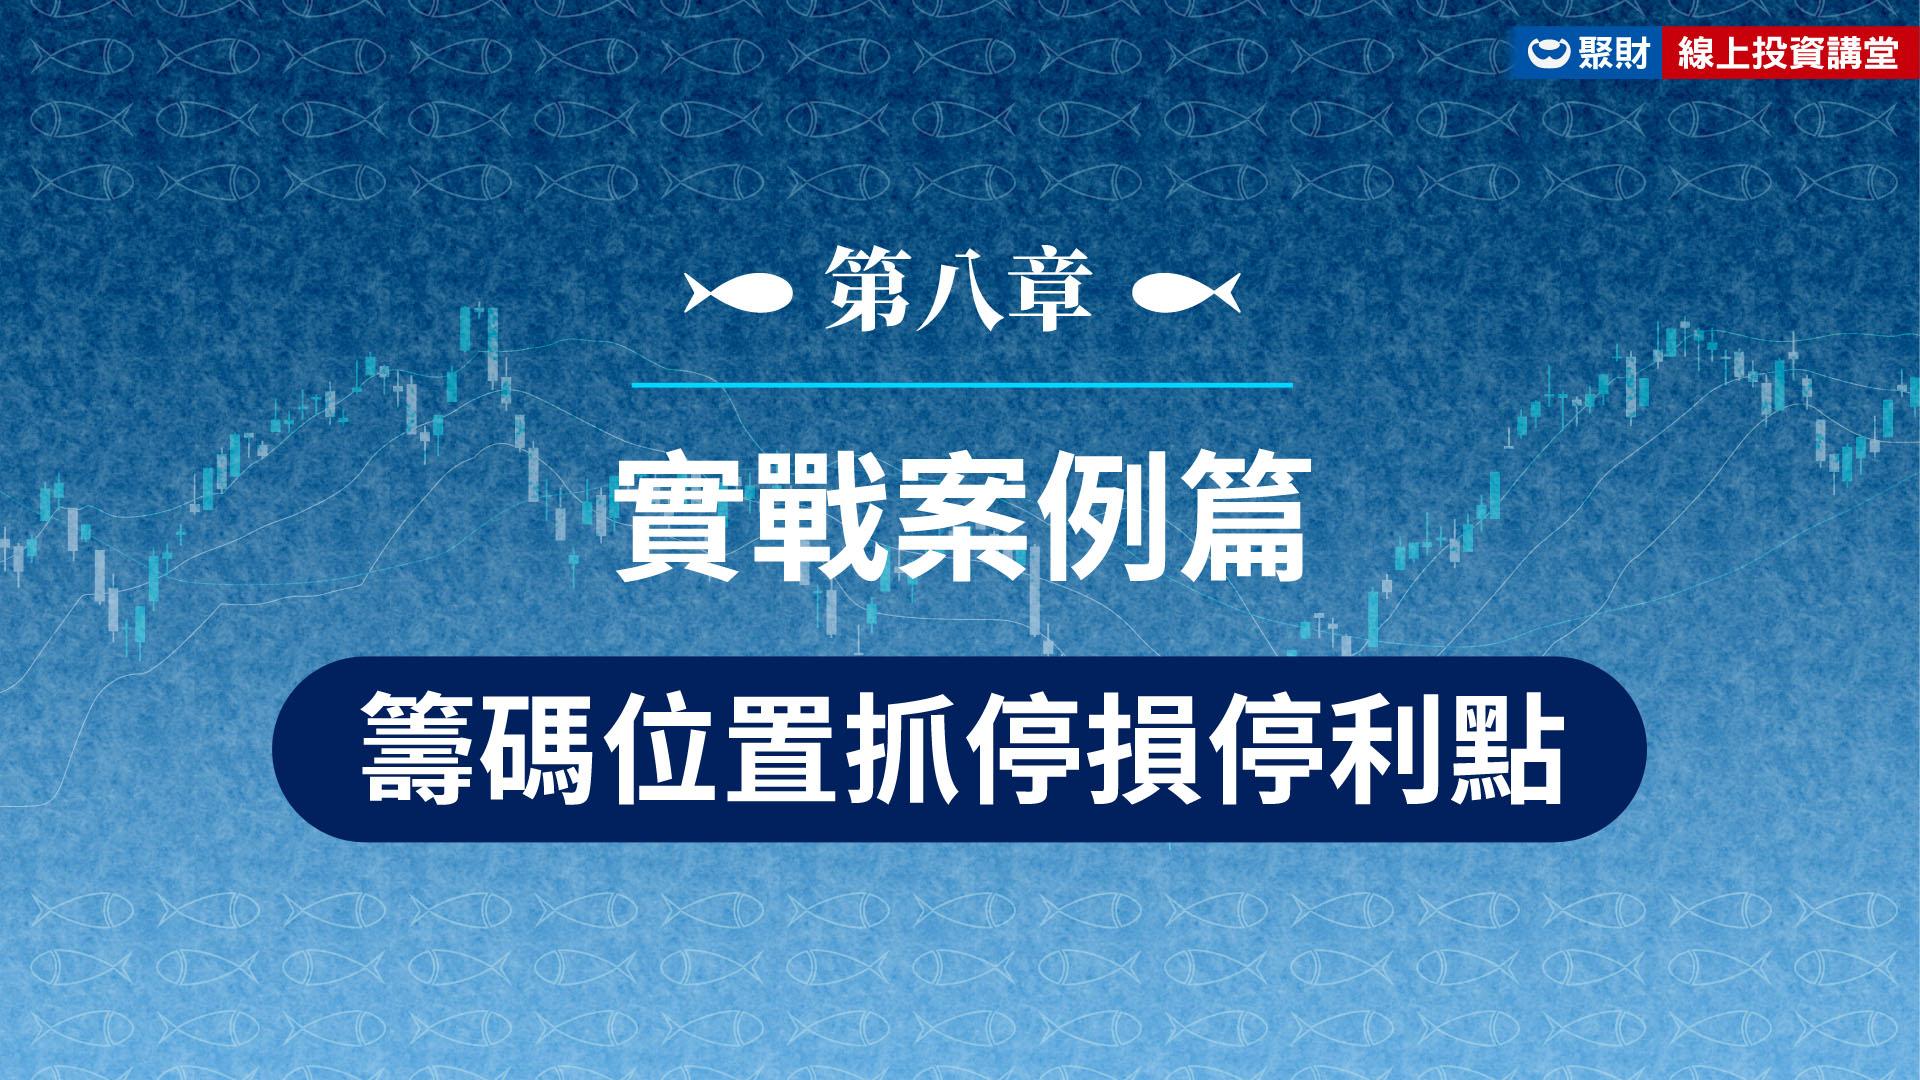 海龍王-第八章:實戰案例篇-籌碼位置抓停損停利點